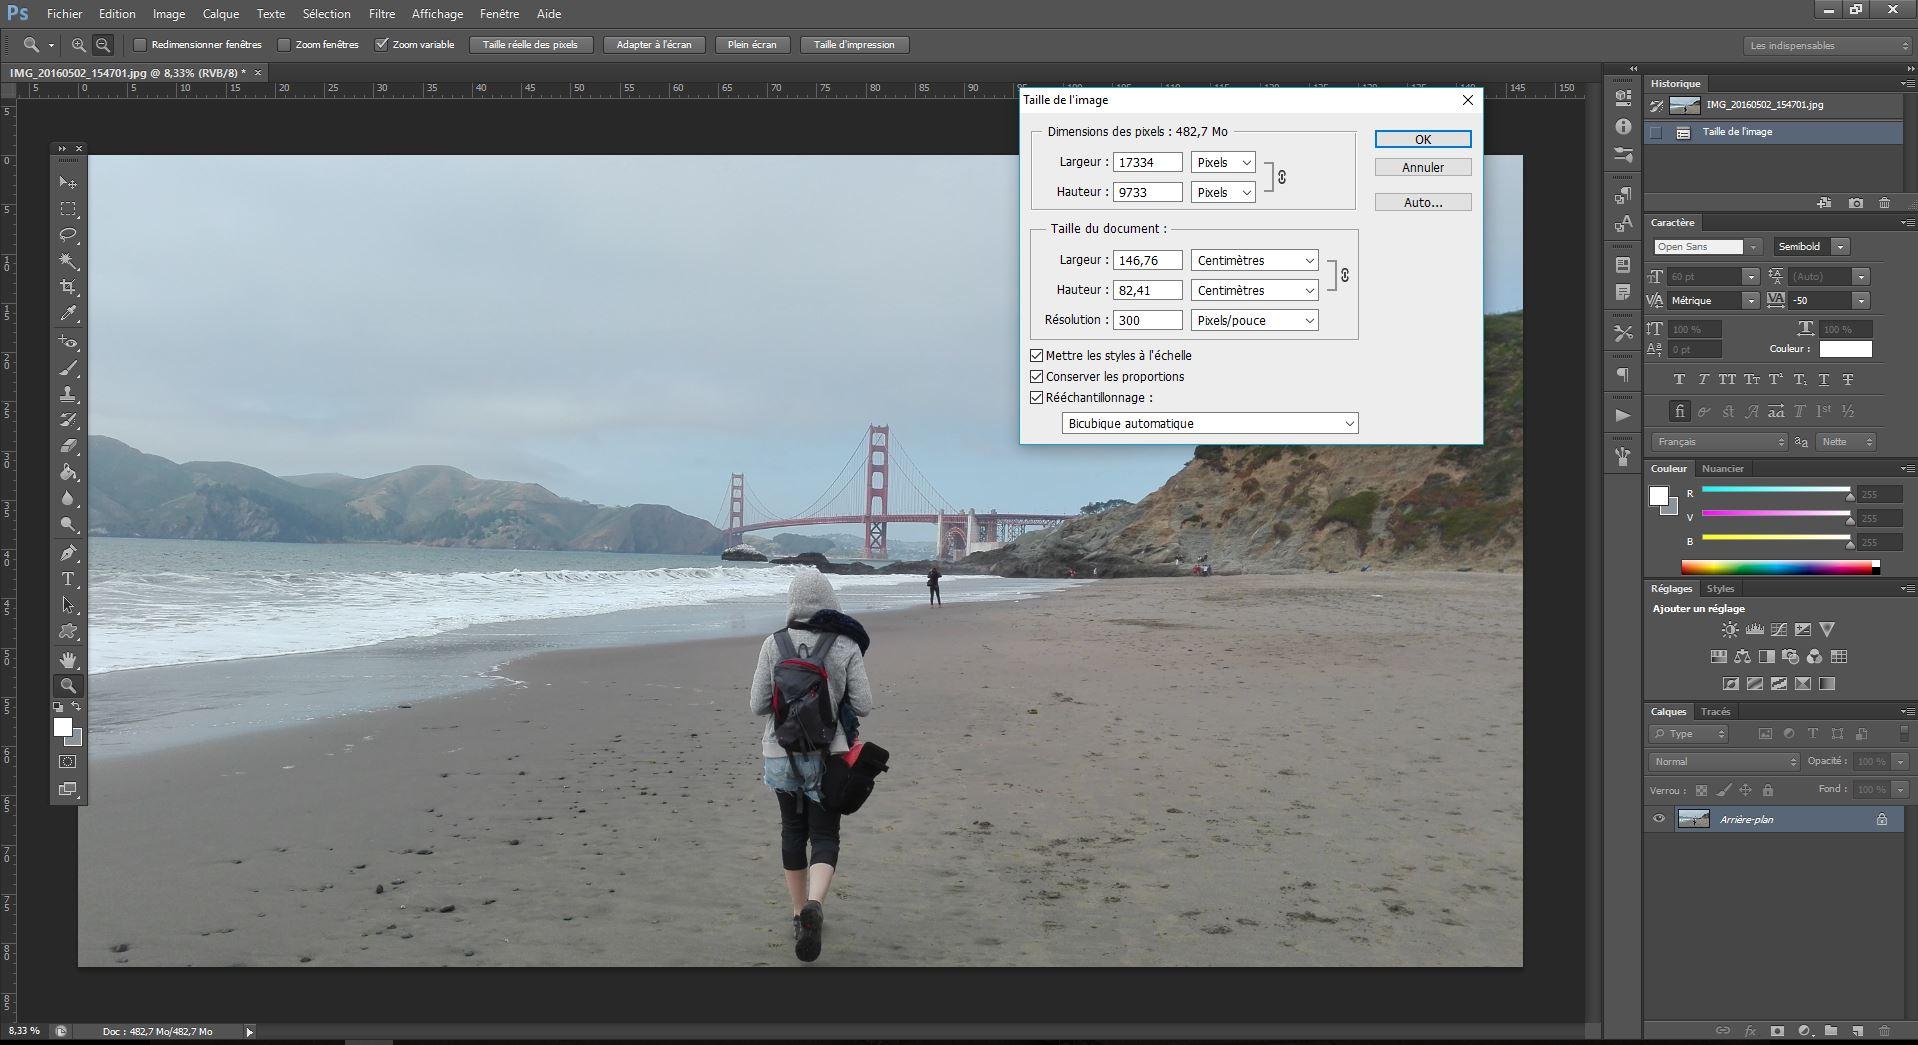 Vérifier qualité image Photoshop